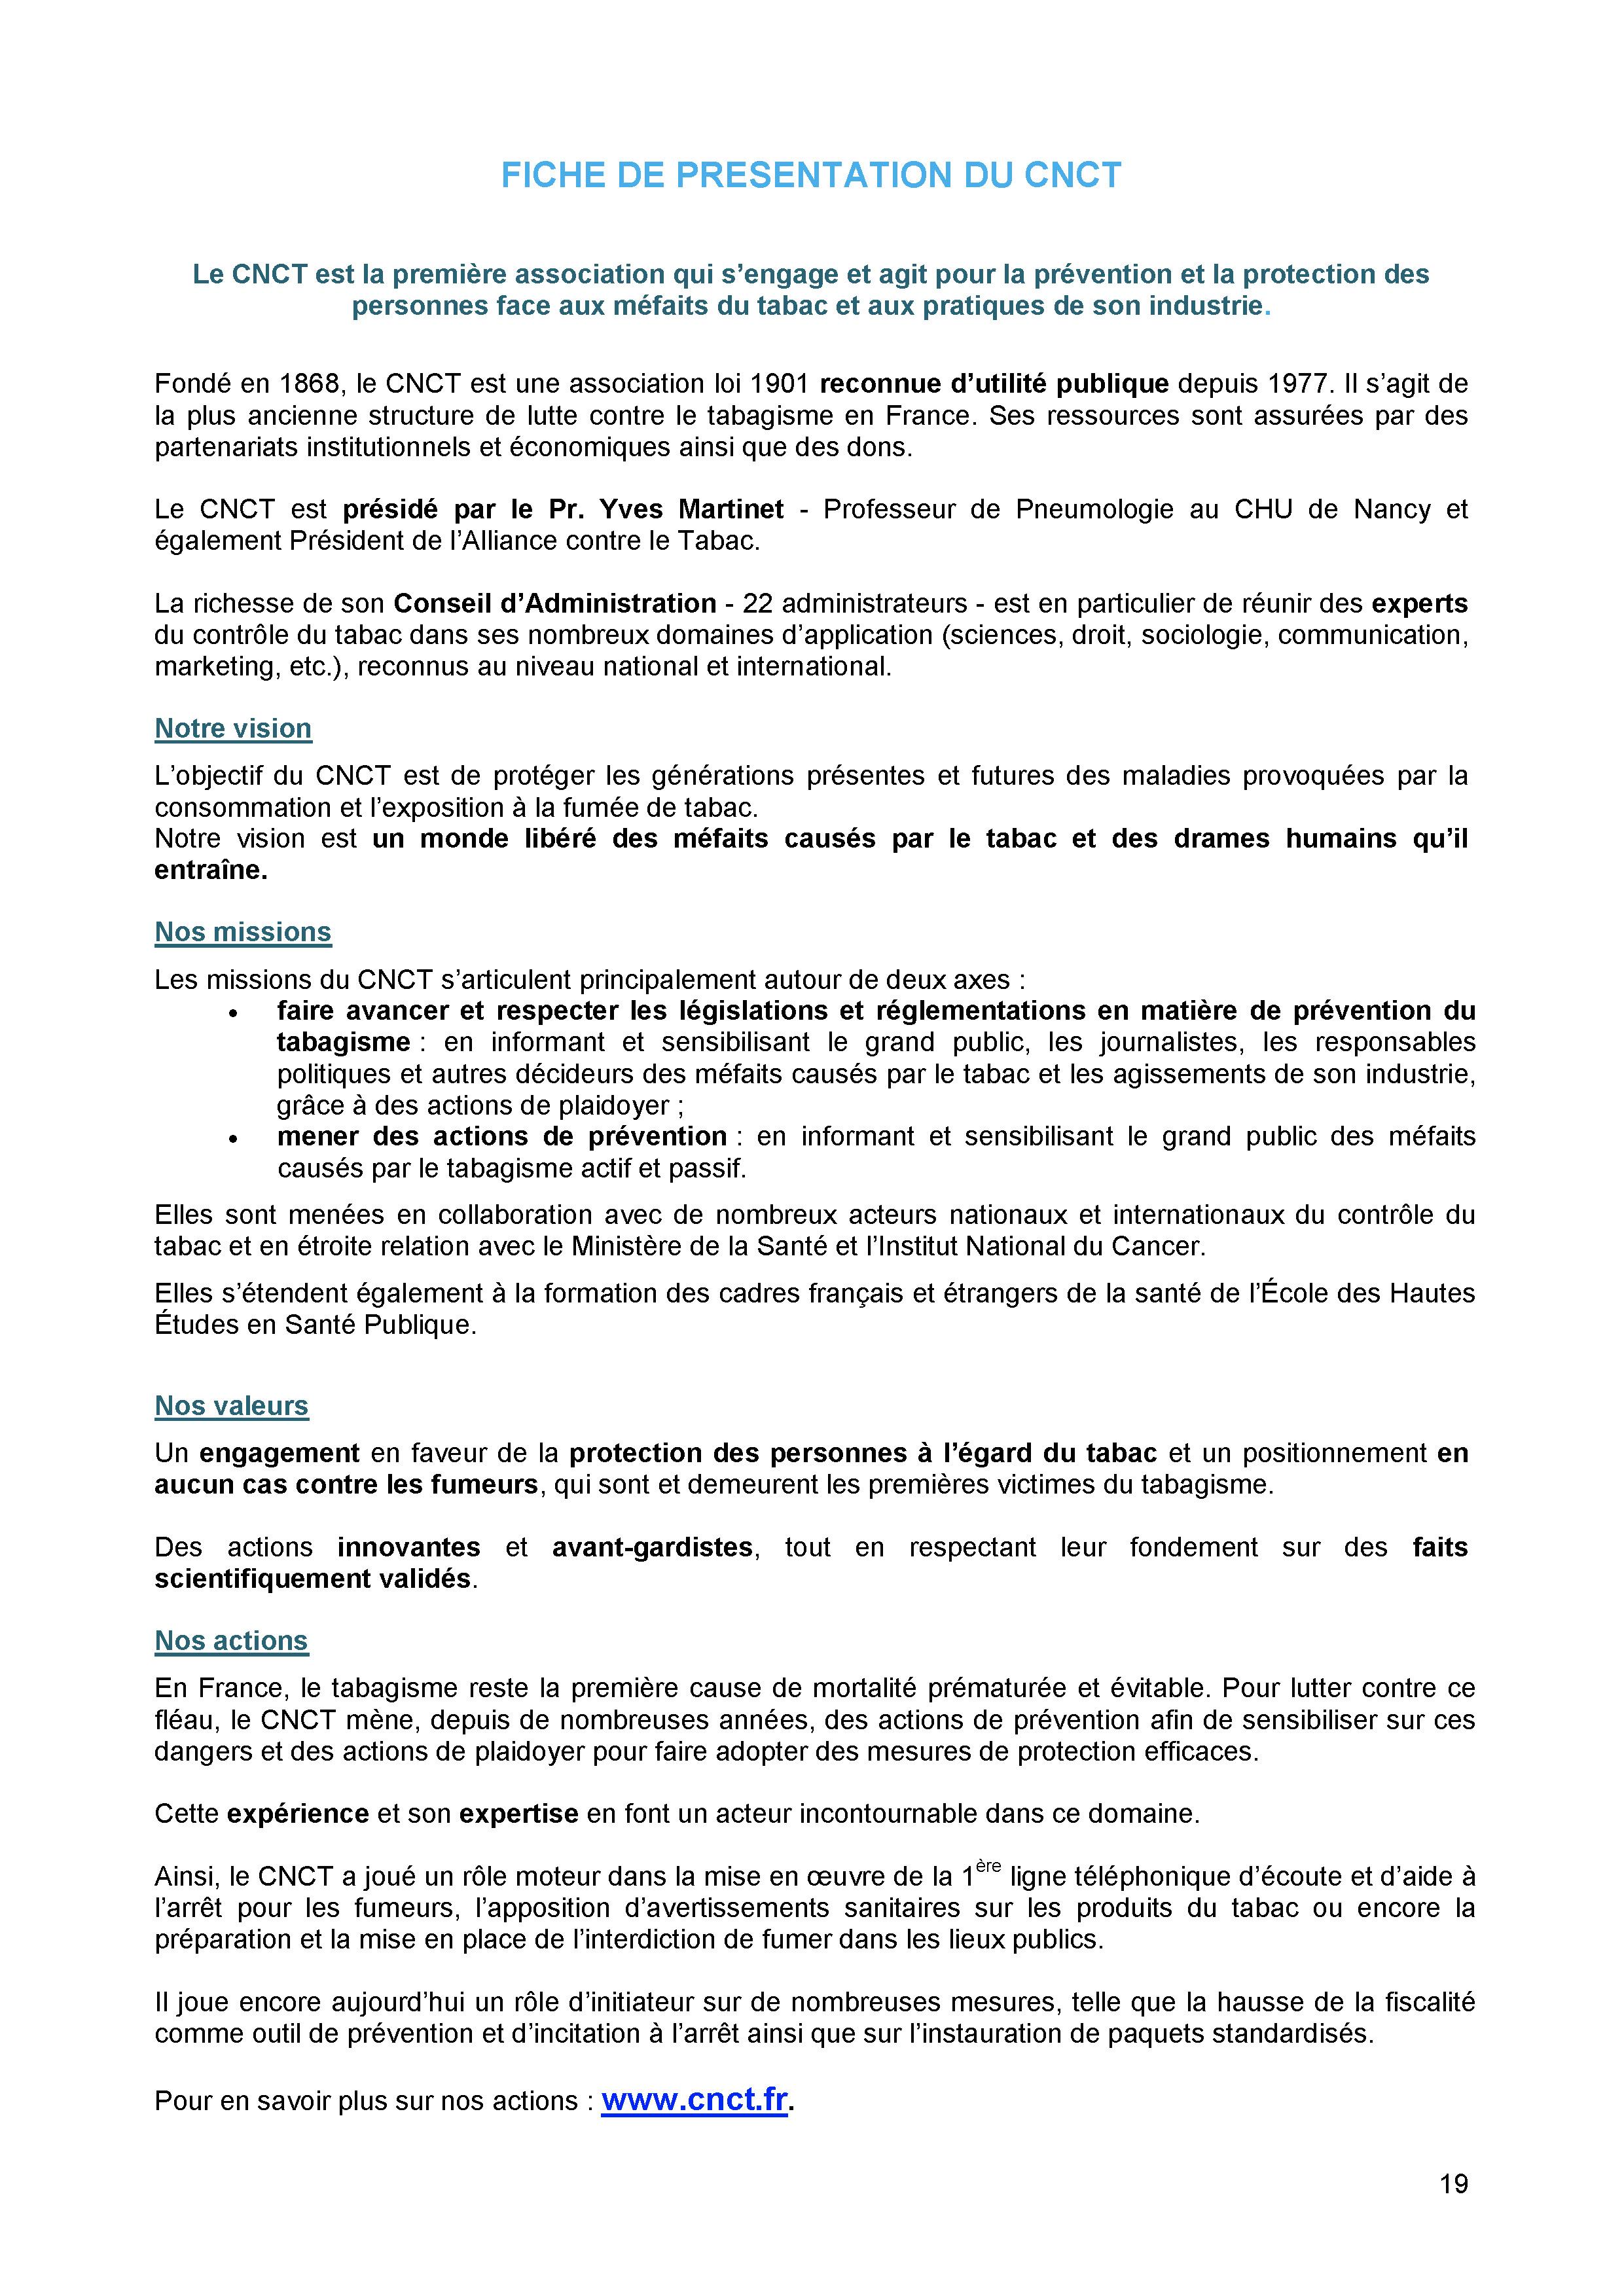 CNCT-DP-l-envers-du-decor-17mai2011_Page_19.jpg